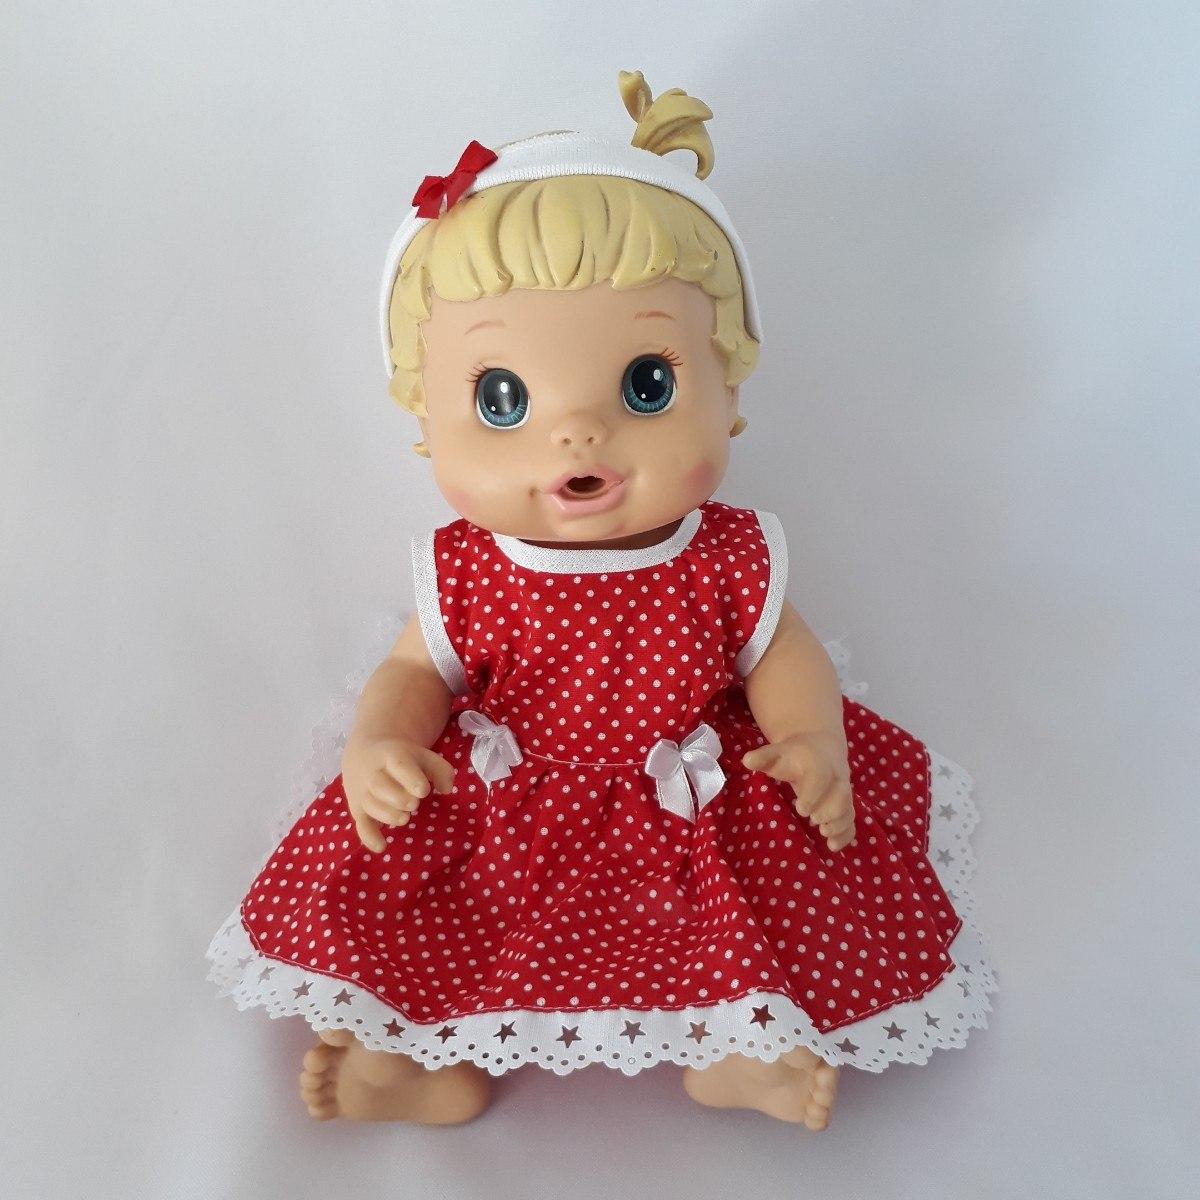 a794998e2 roupas para boneca baby alive promoção melhor preço do ml. Carregando zoom.